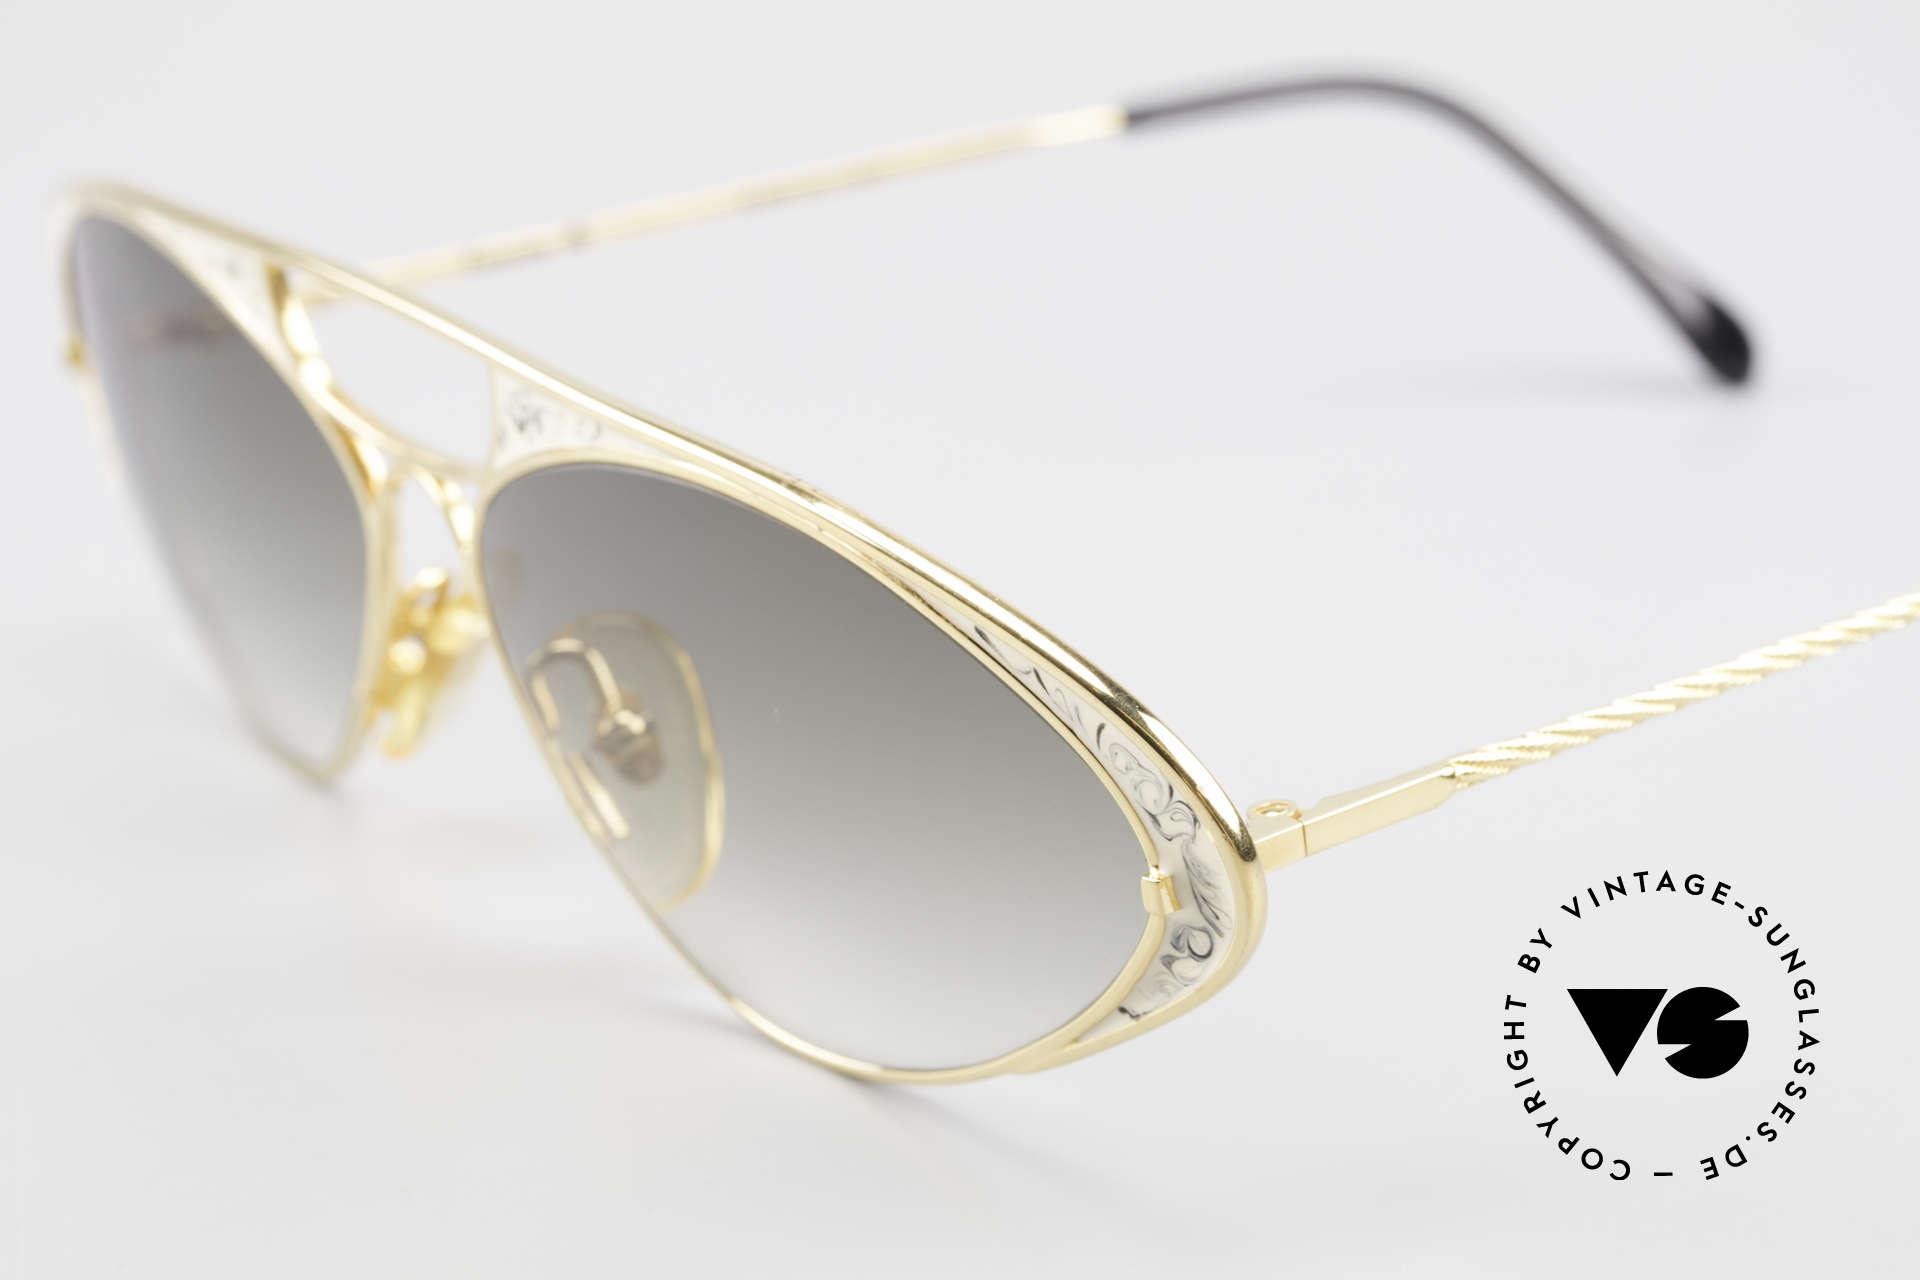 Casanova LC8 Vintage Sonnenbrille Damen, ungetragen (wie alle unsere kunstvollen Sonnenbrillen), Passend für Damen